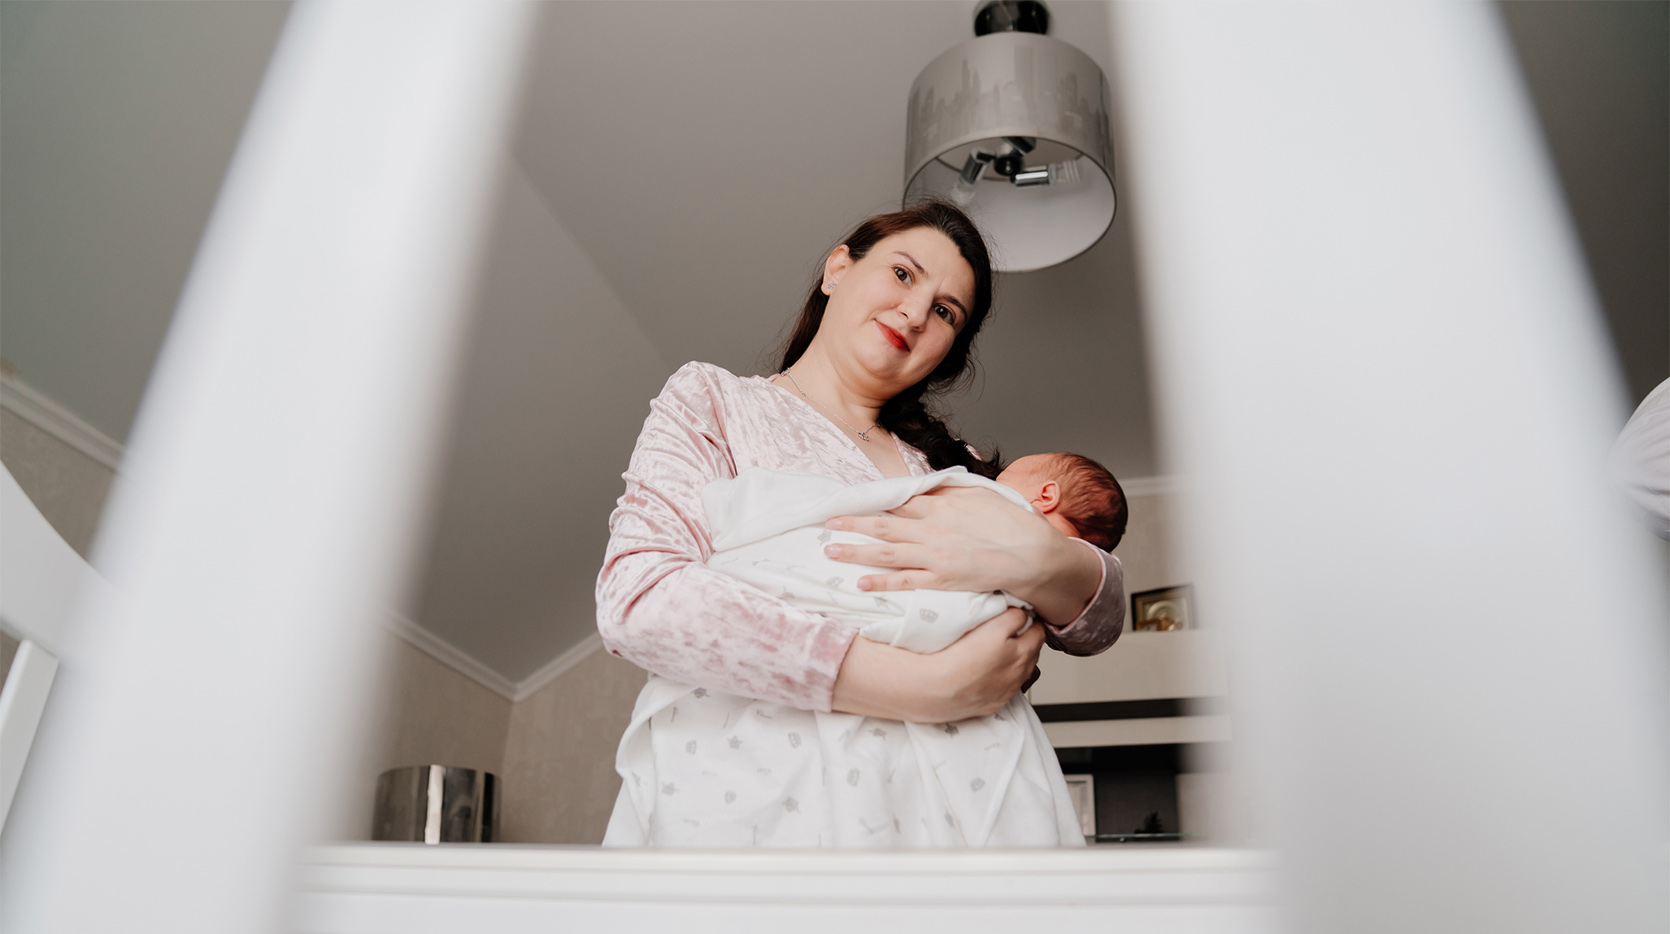 Stan podgorączkowy u niemowlaka